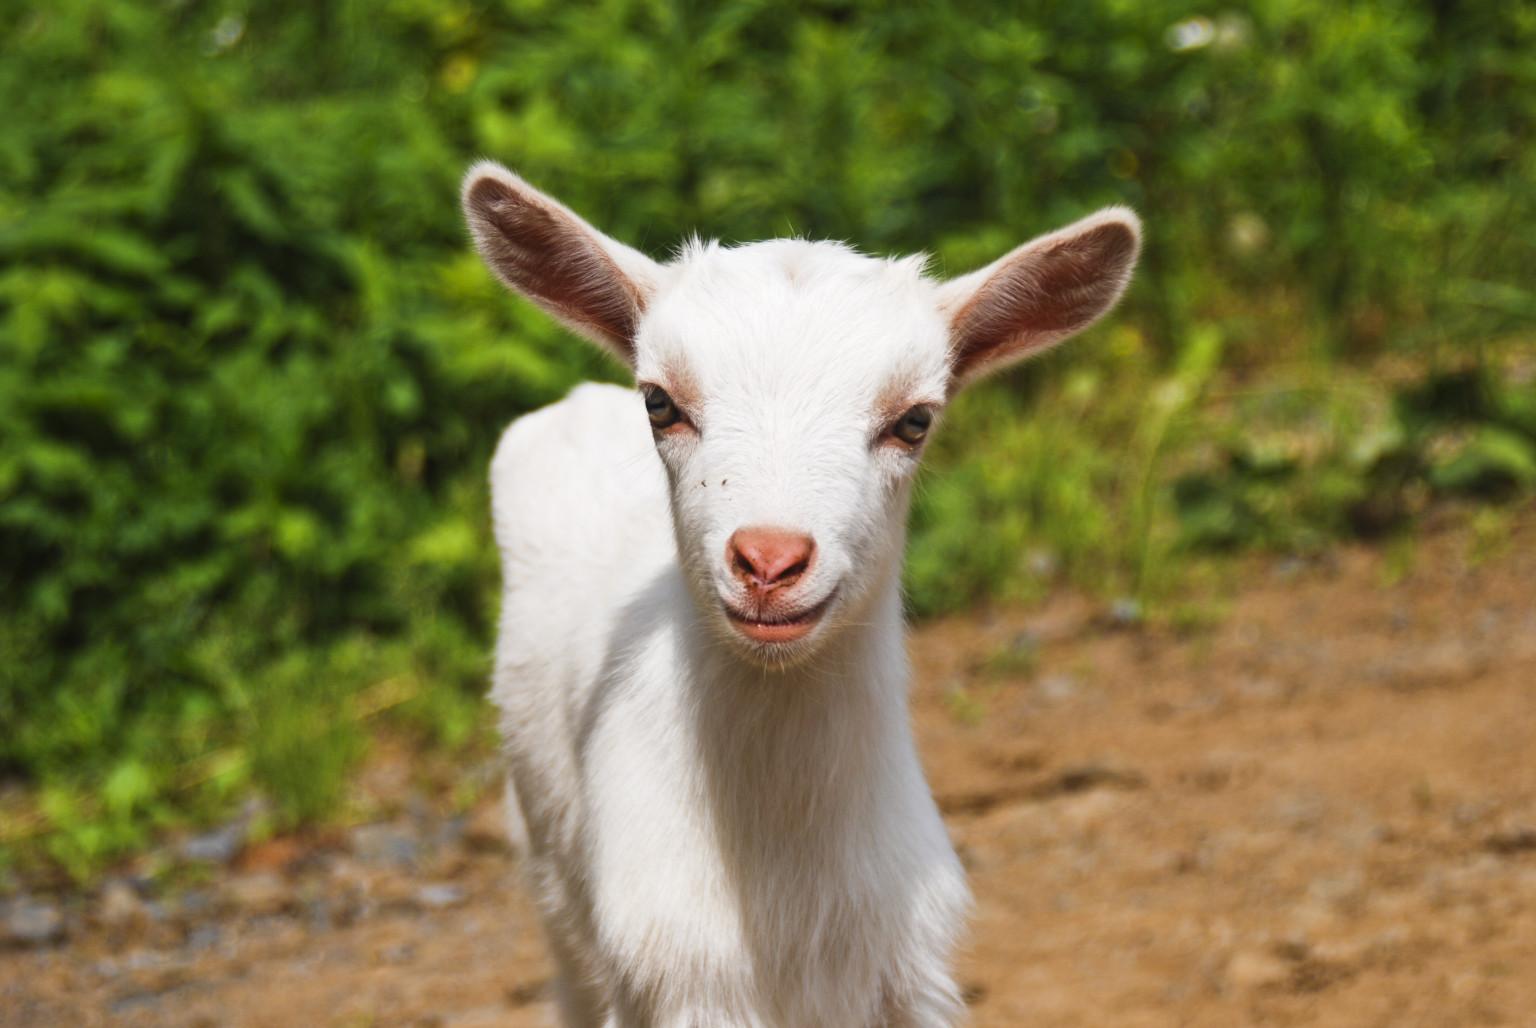 Aparecido Castaldo Brazilian Widower To Marry Pet Goat